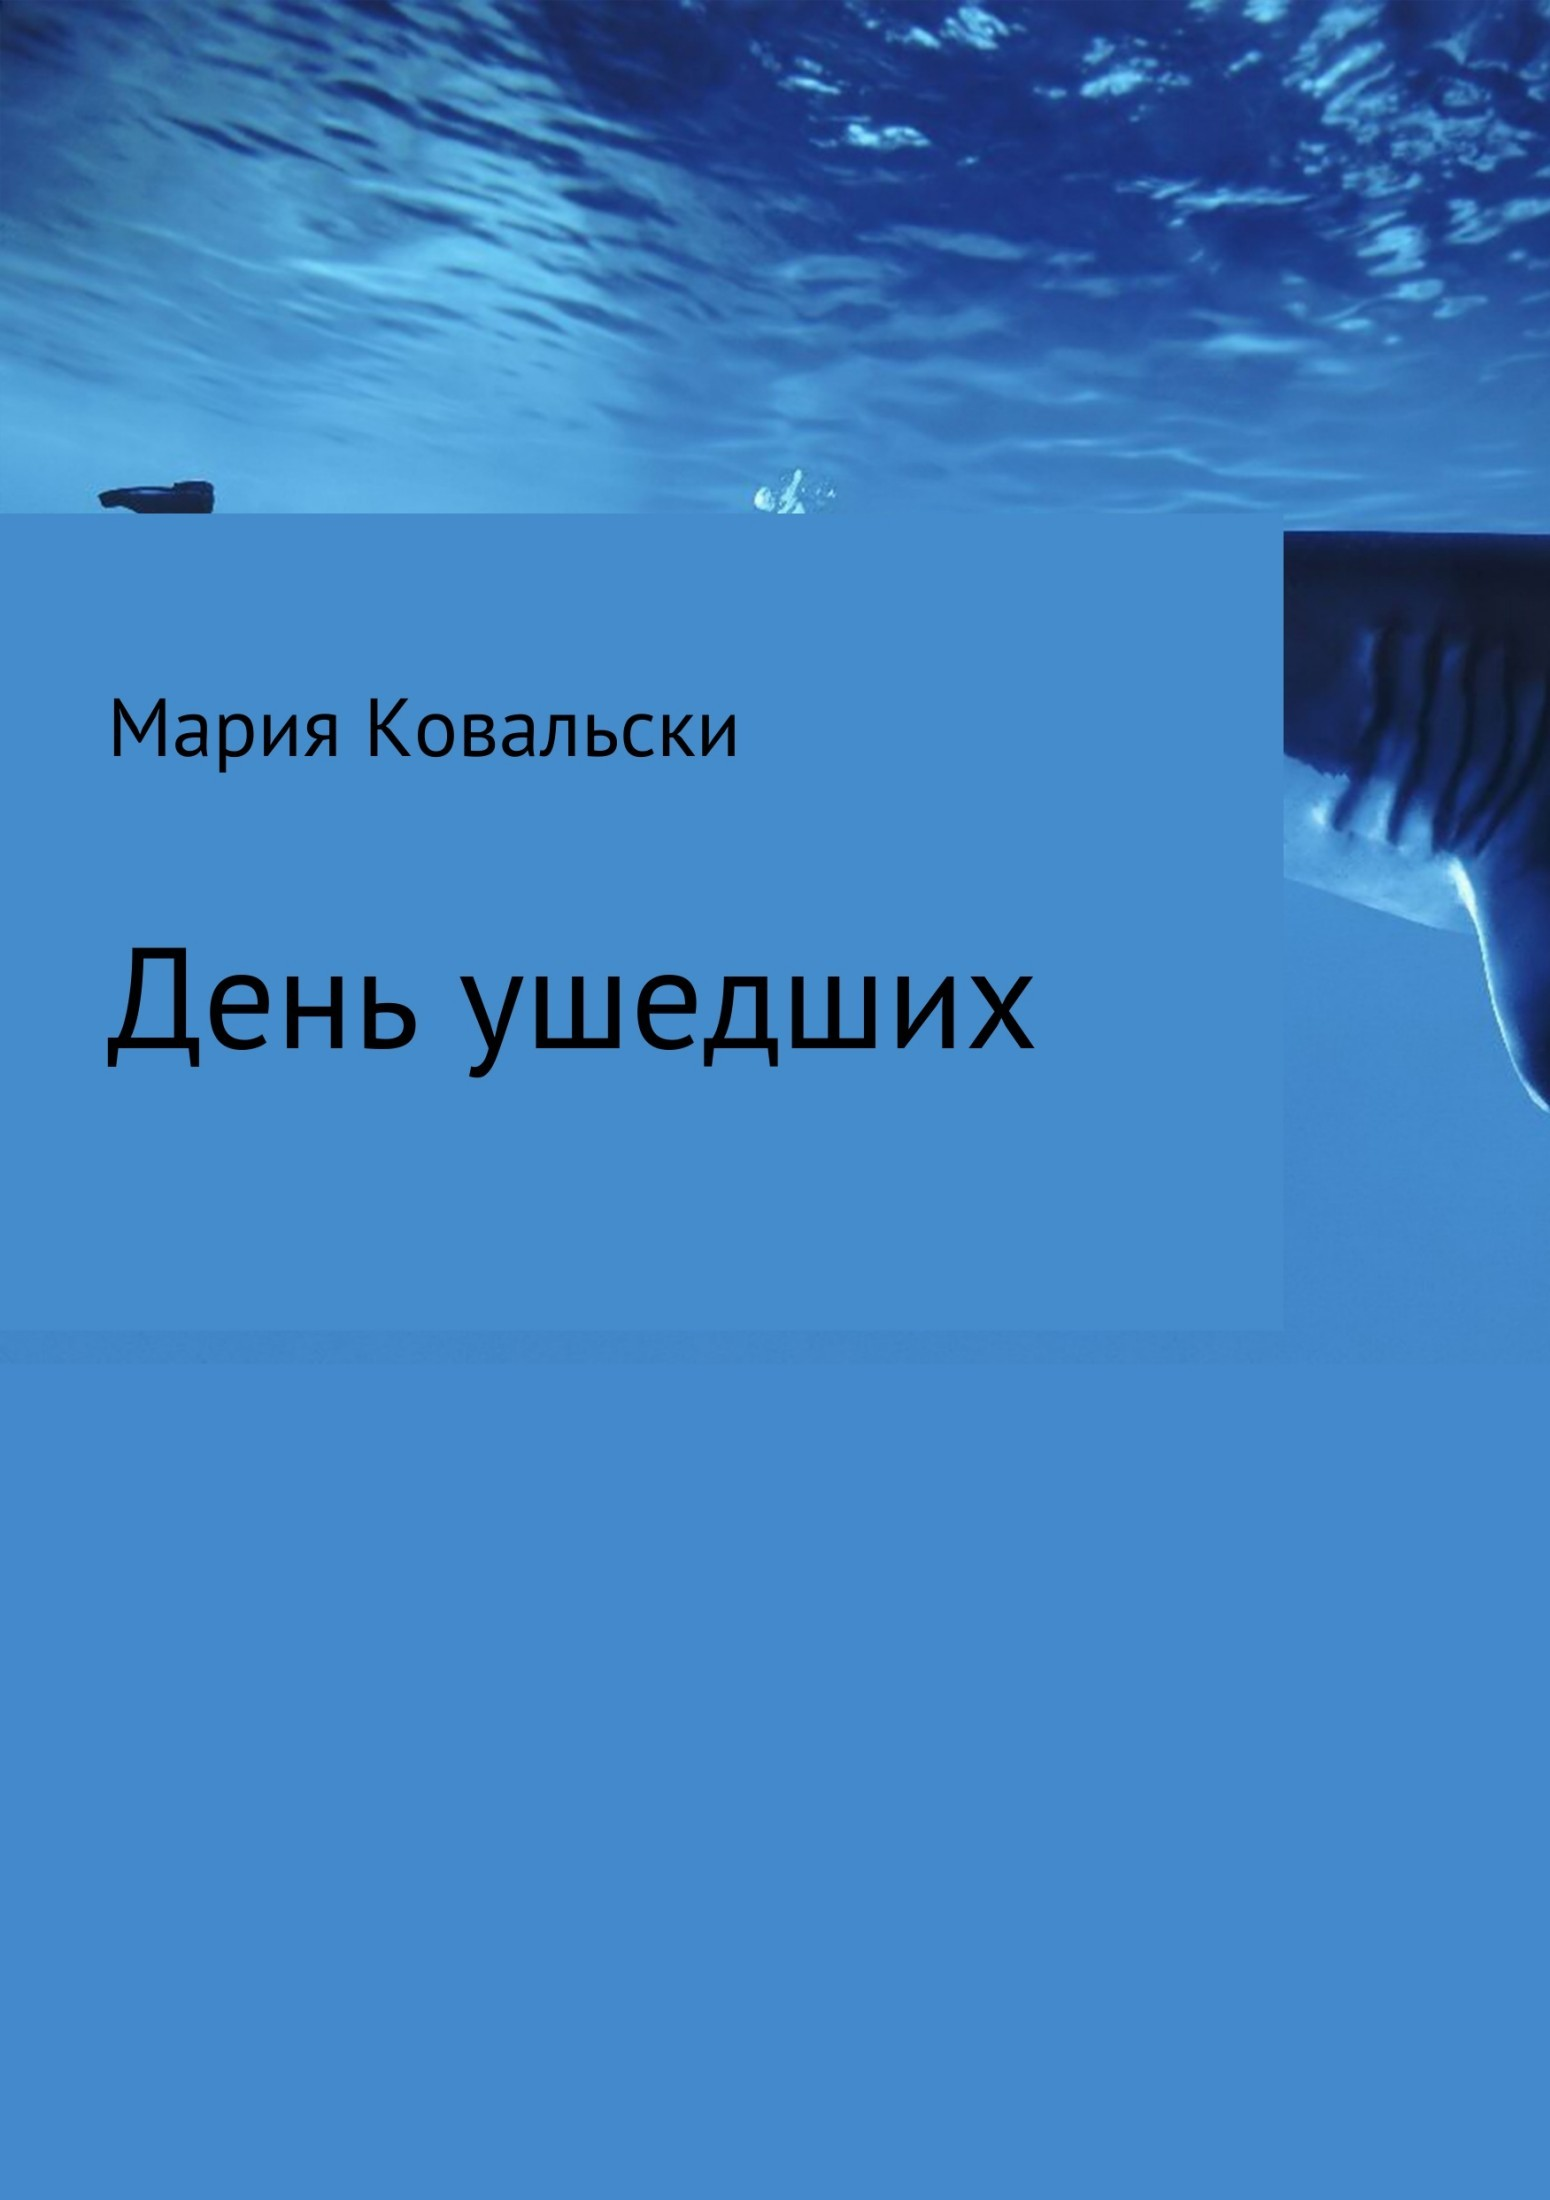 Maria Kowalsky. День ушедших